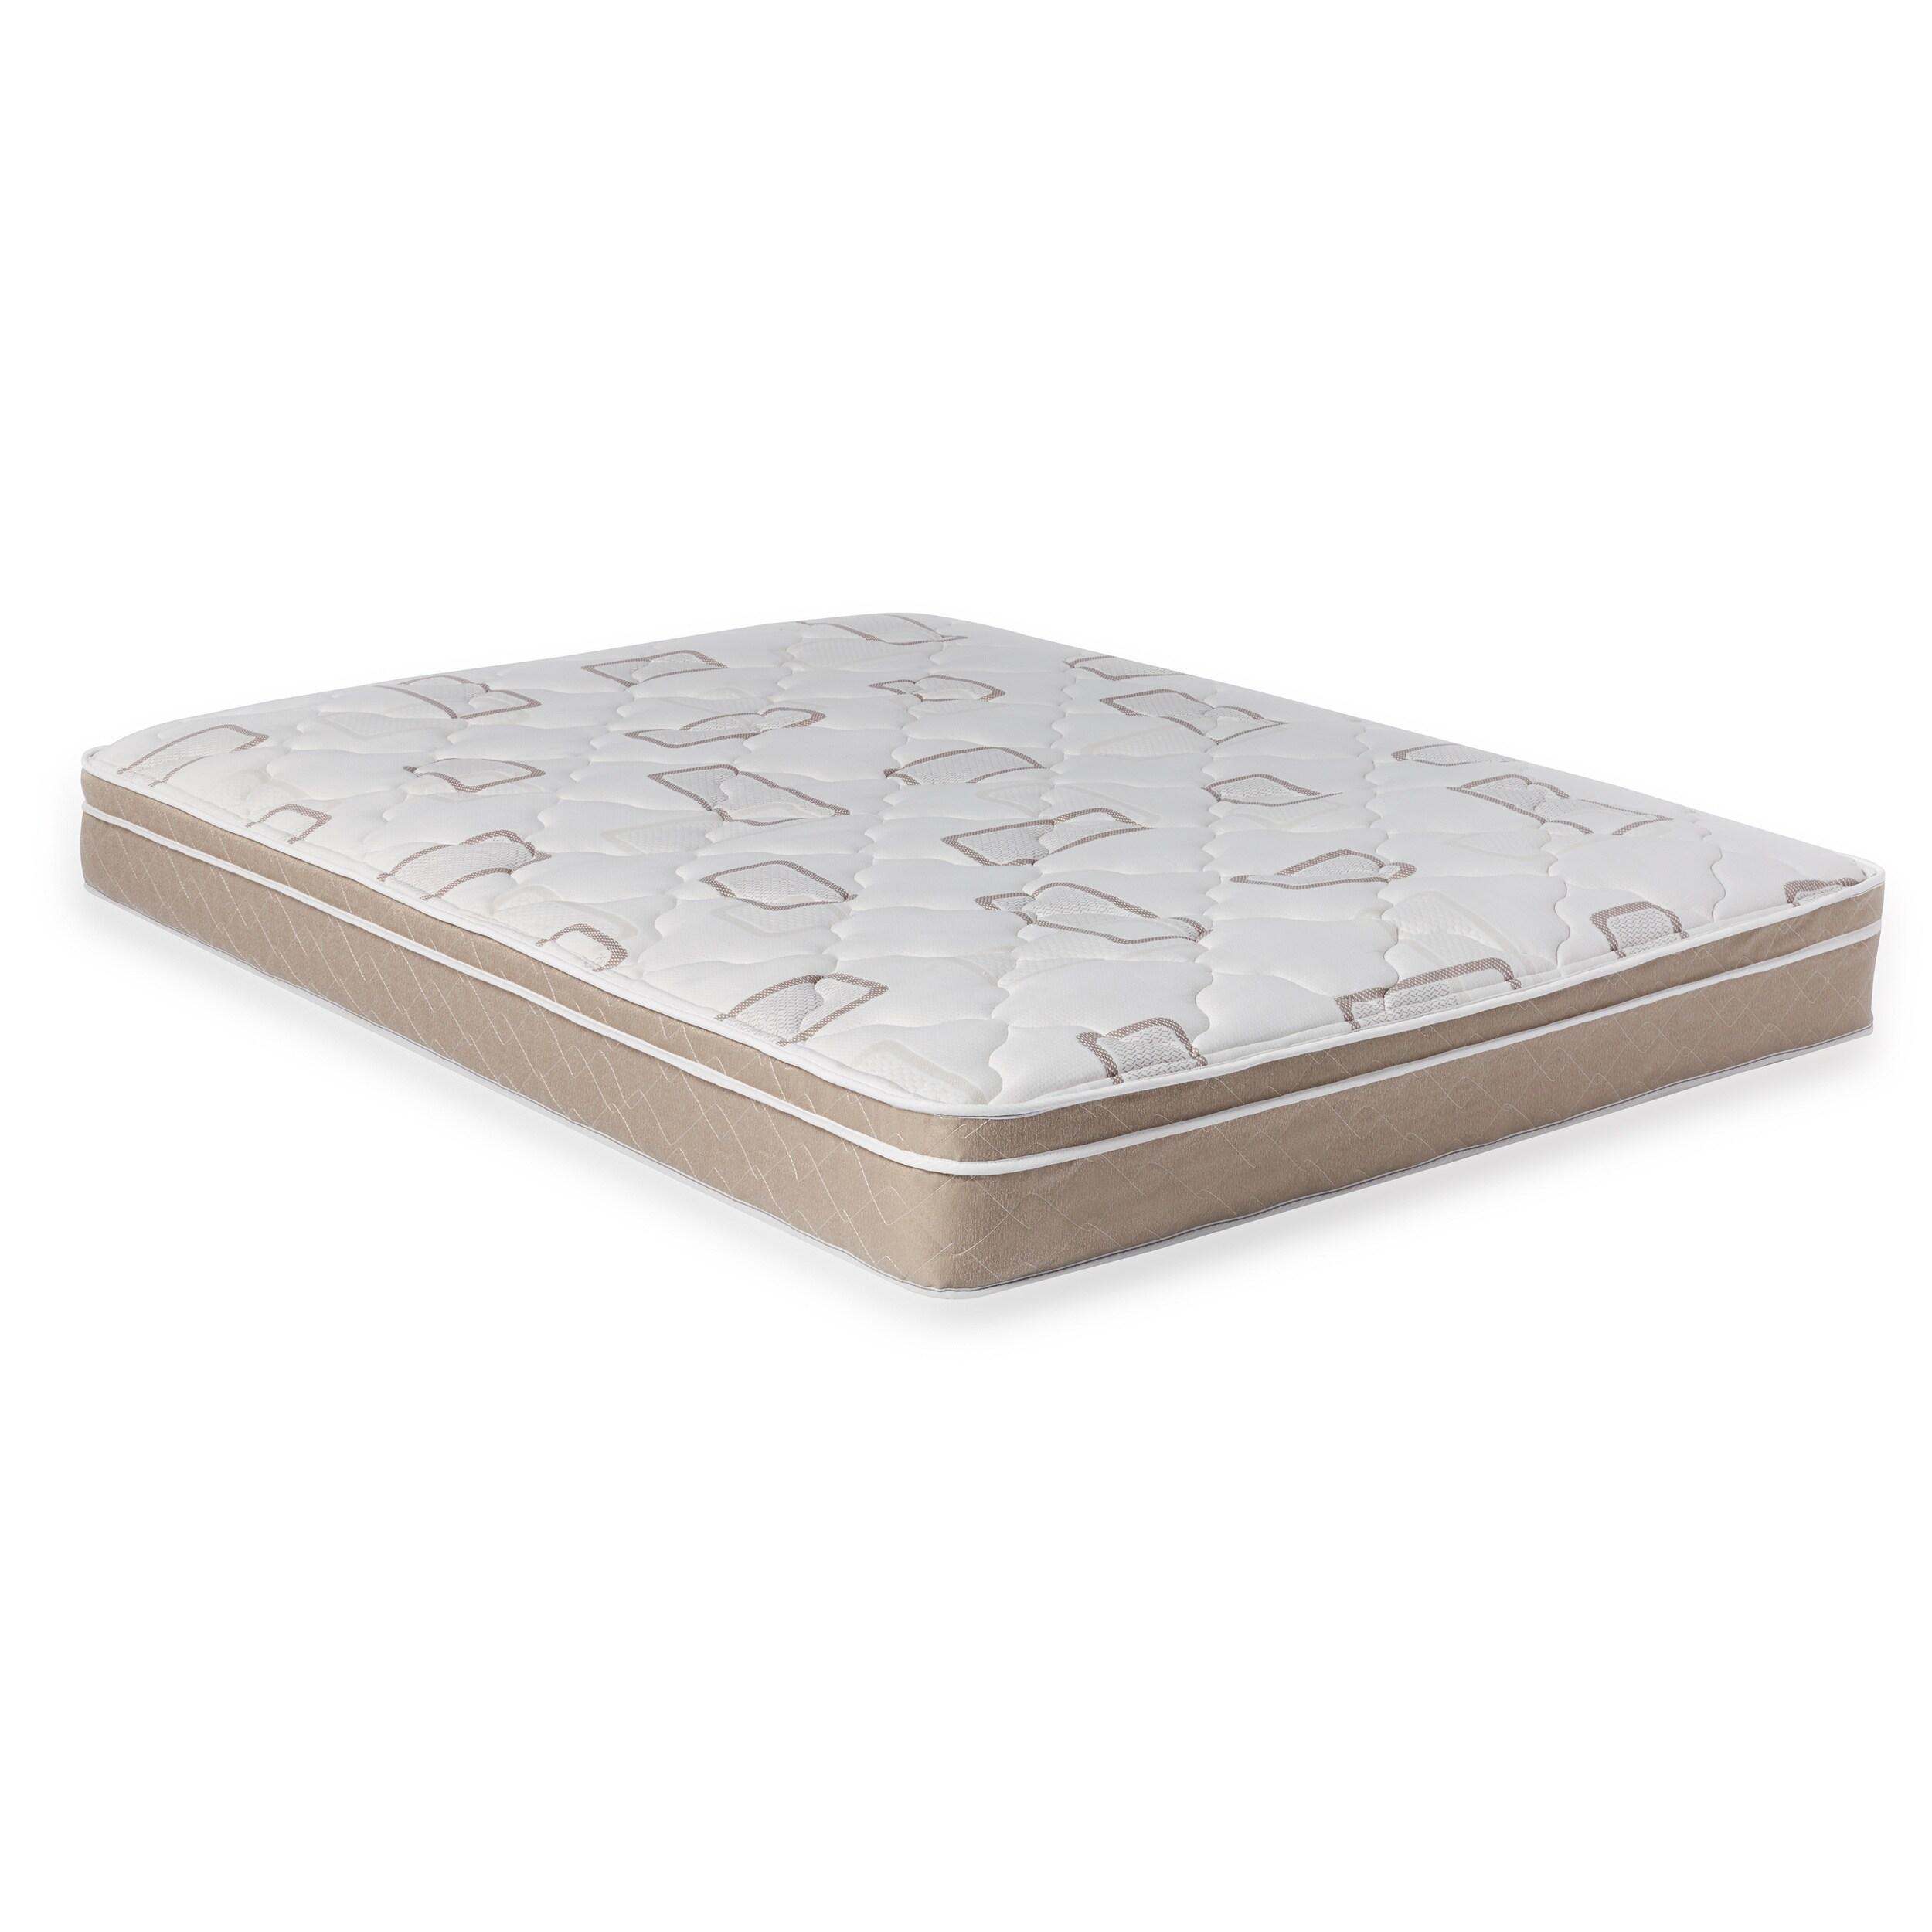 mattress sleep false beauty op pillow pillowtop prod wid pier navy simmons twin top sharpen silver plush hei p beautyrest